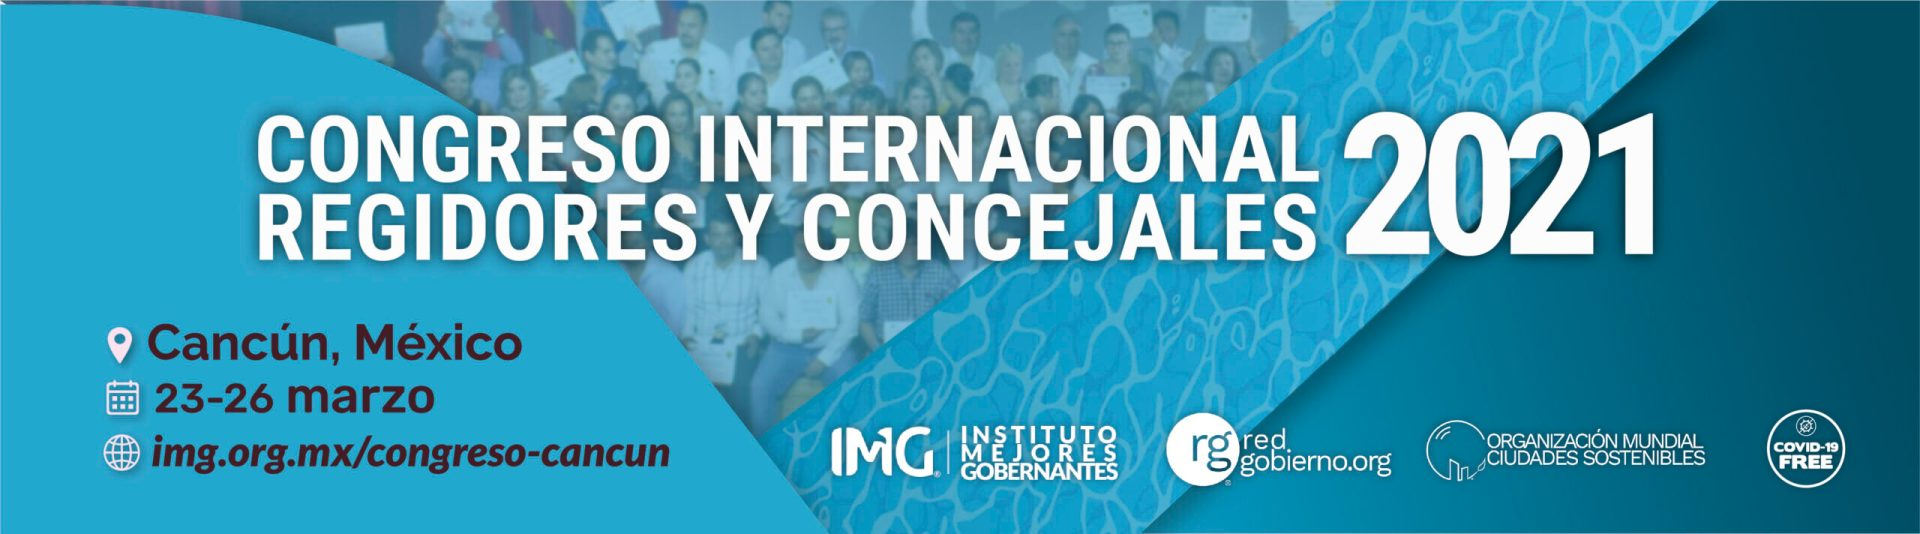 Congreso Internacional Regidores y Concejales Marzo 2021 - Instituto Mejores Gobernantes AC